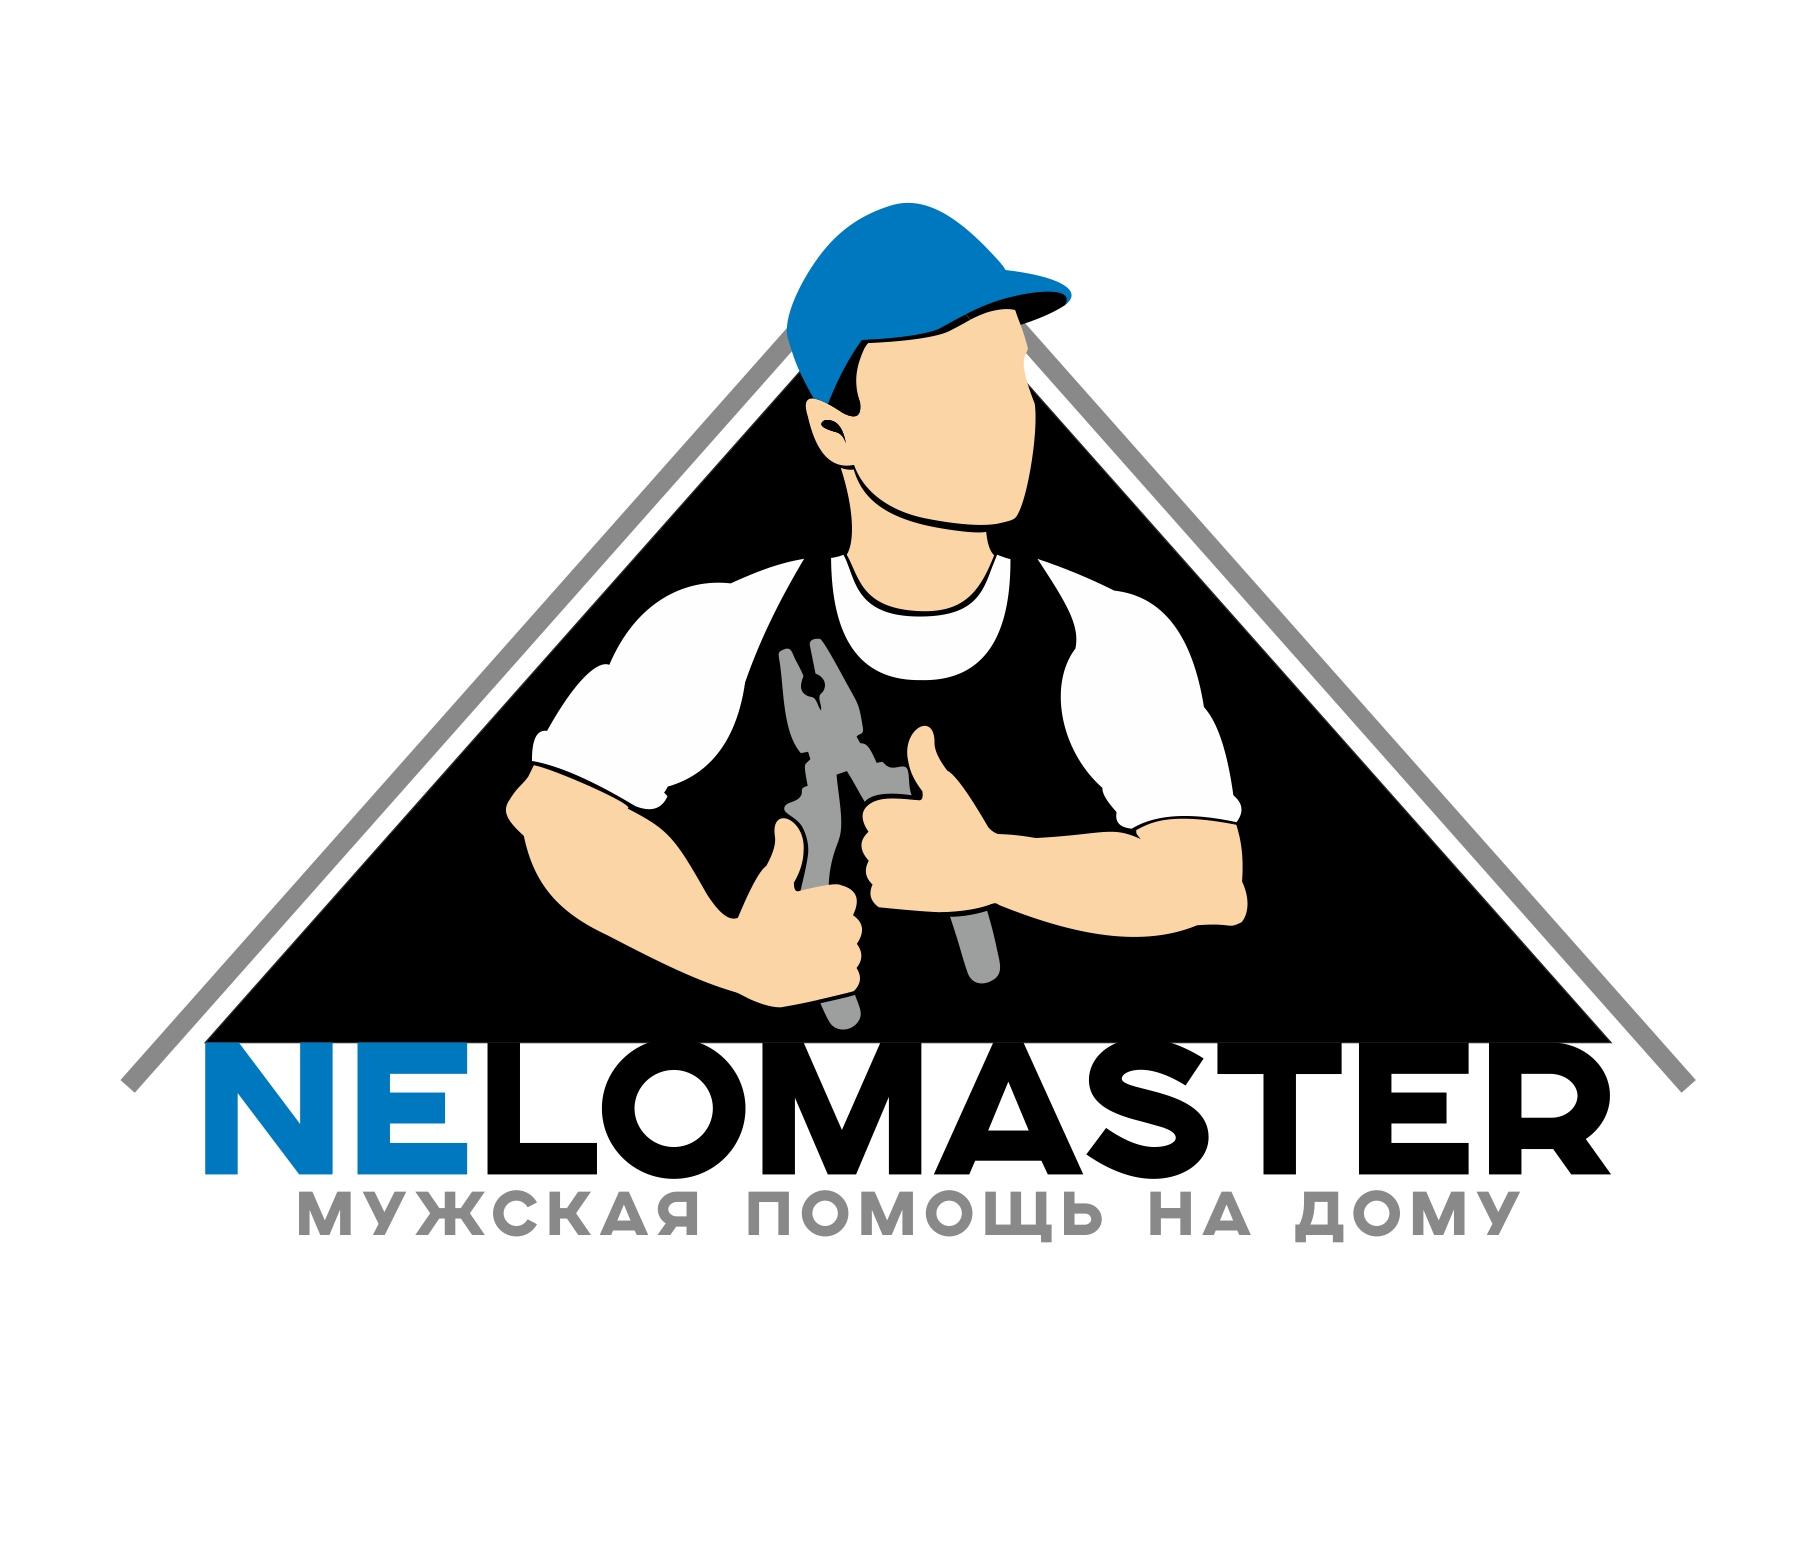 """Логотип сервиса """"Муж на час""""=""""Мужская помощь по дому"""" фото f_6075dbe1ac267a86.jpg"""